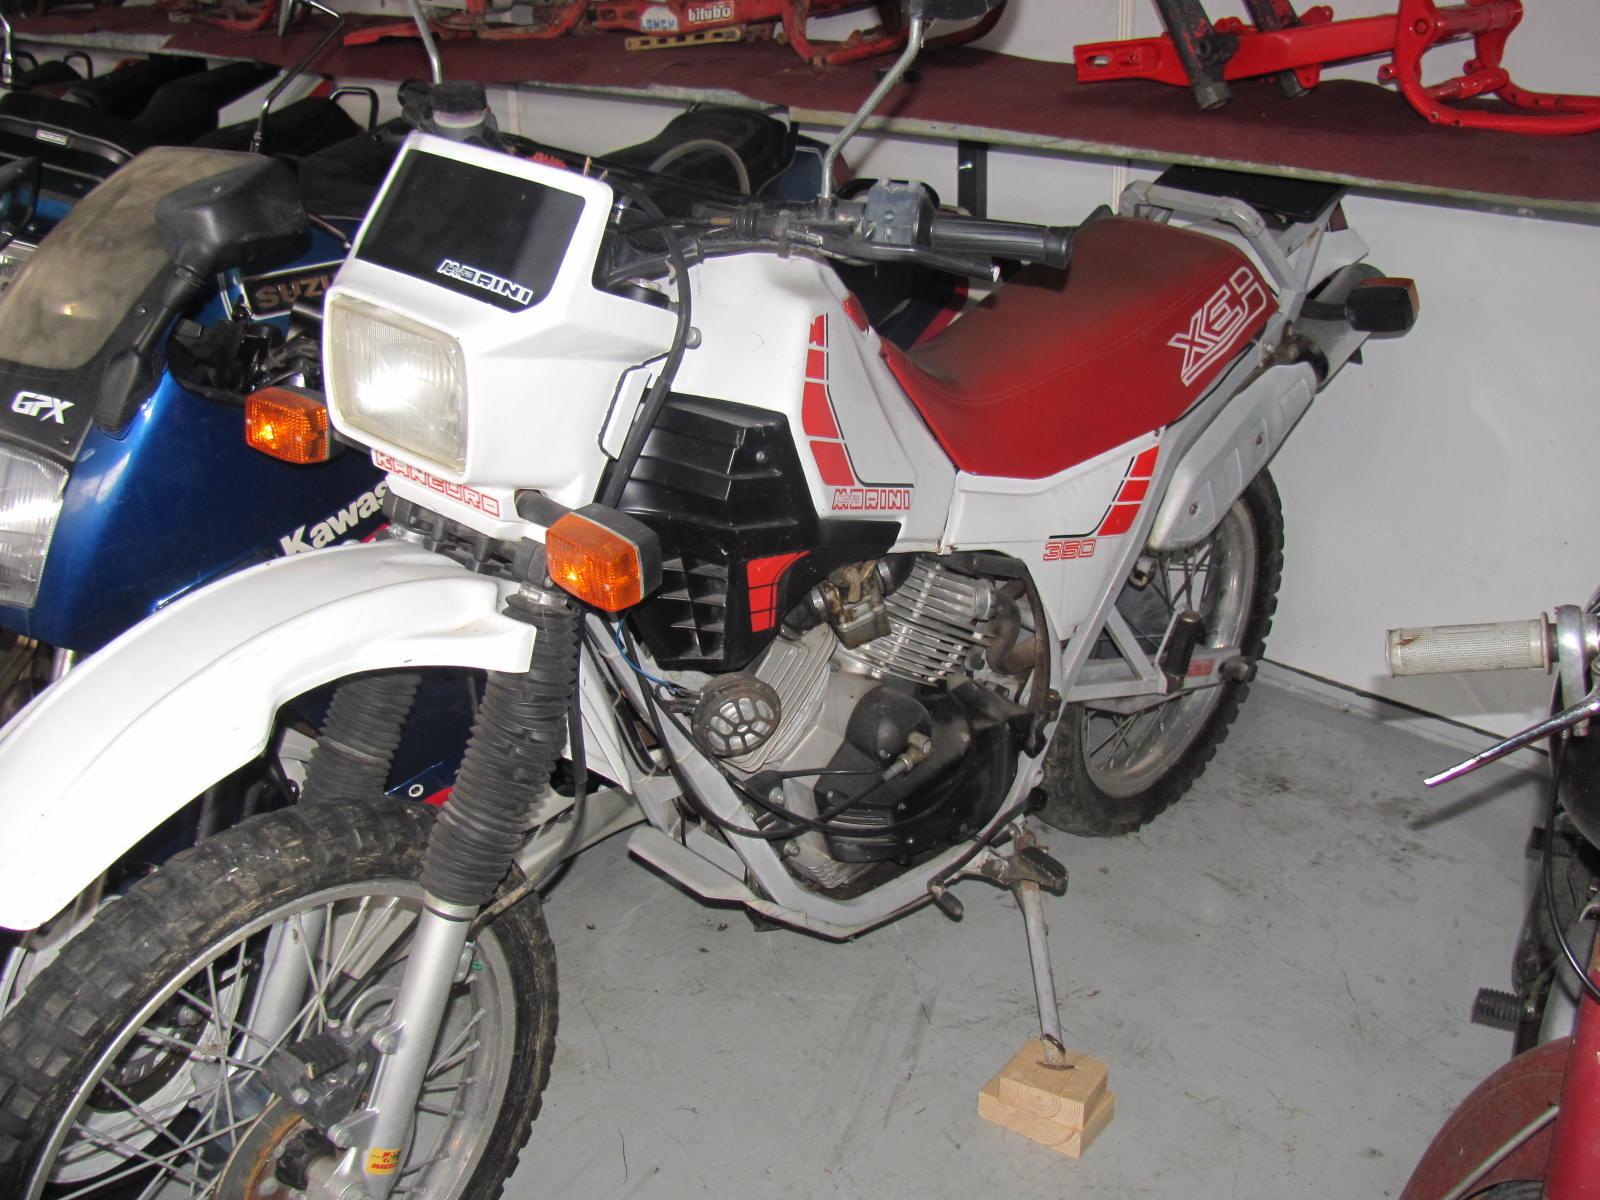 Morini 350